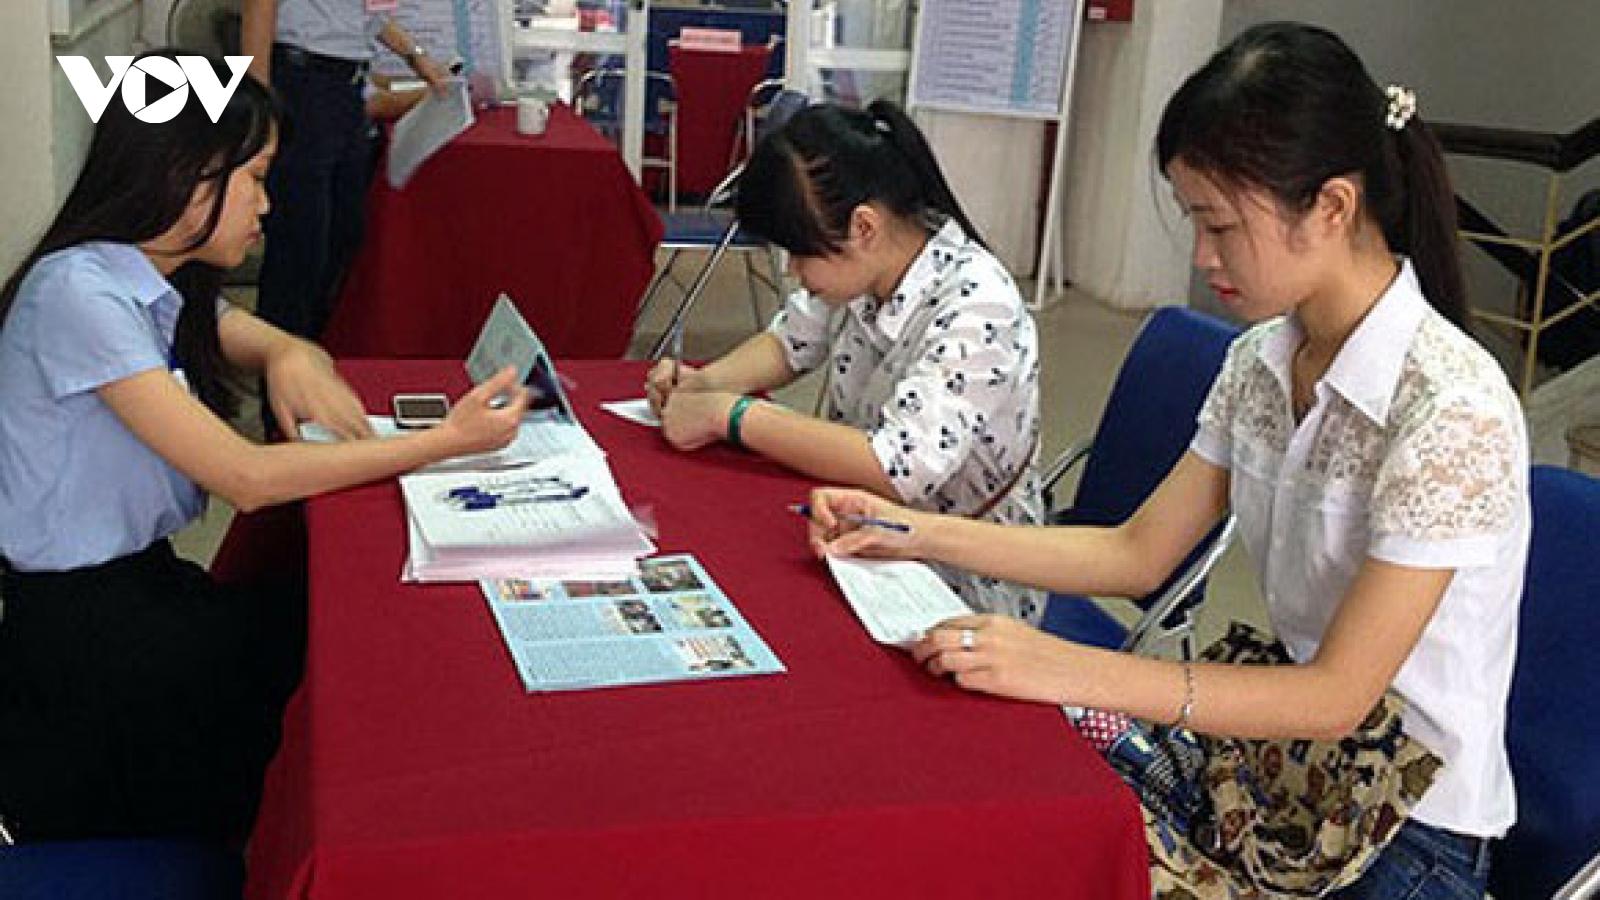 Trung tâm dịch vụ việc làm trở thành điểm tựa cho lao động mùa dịch